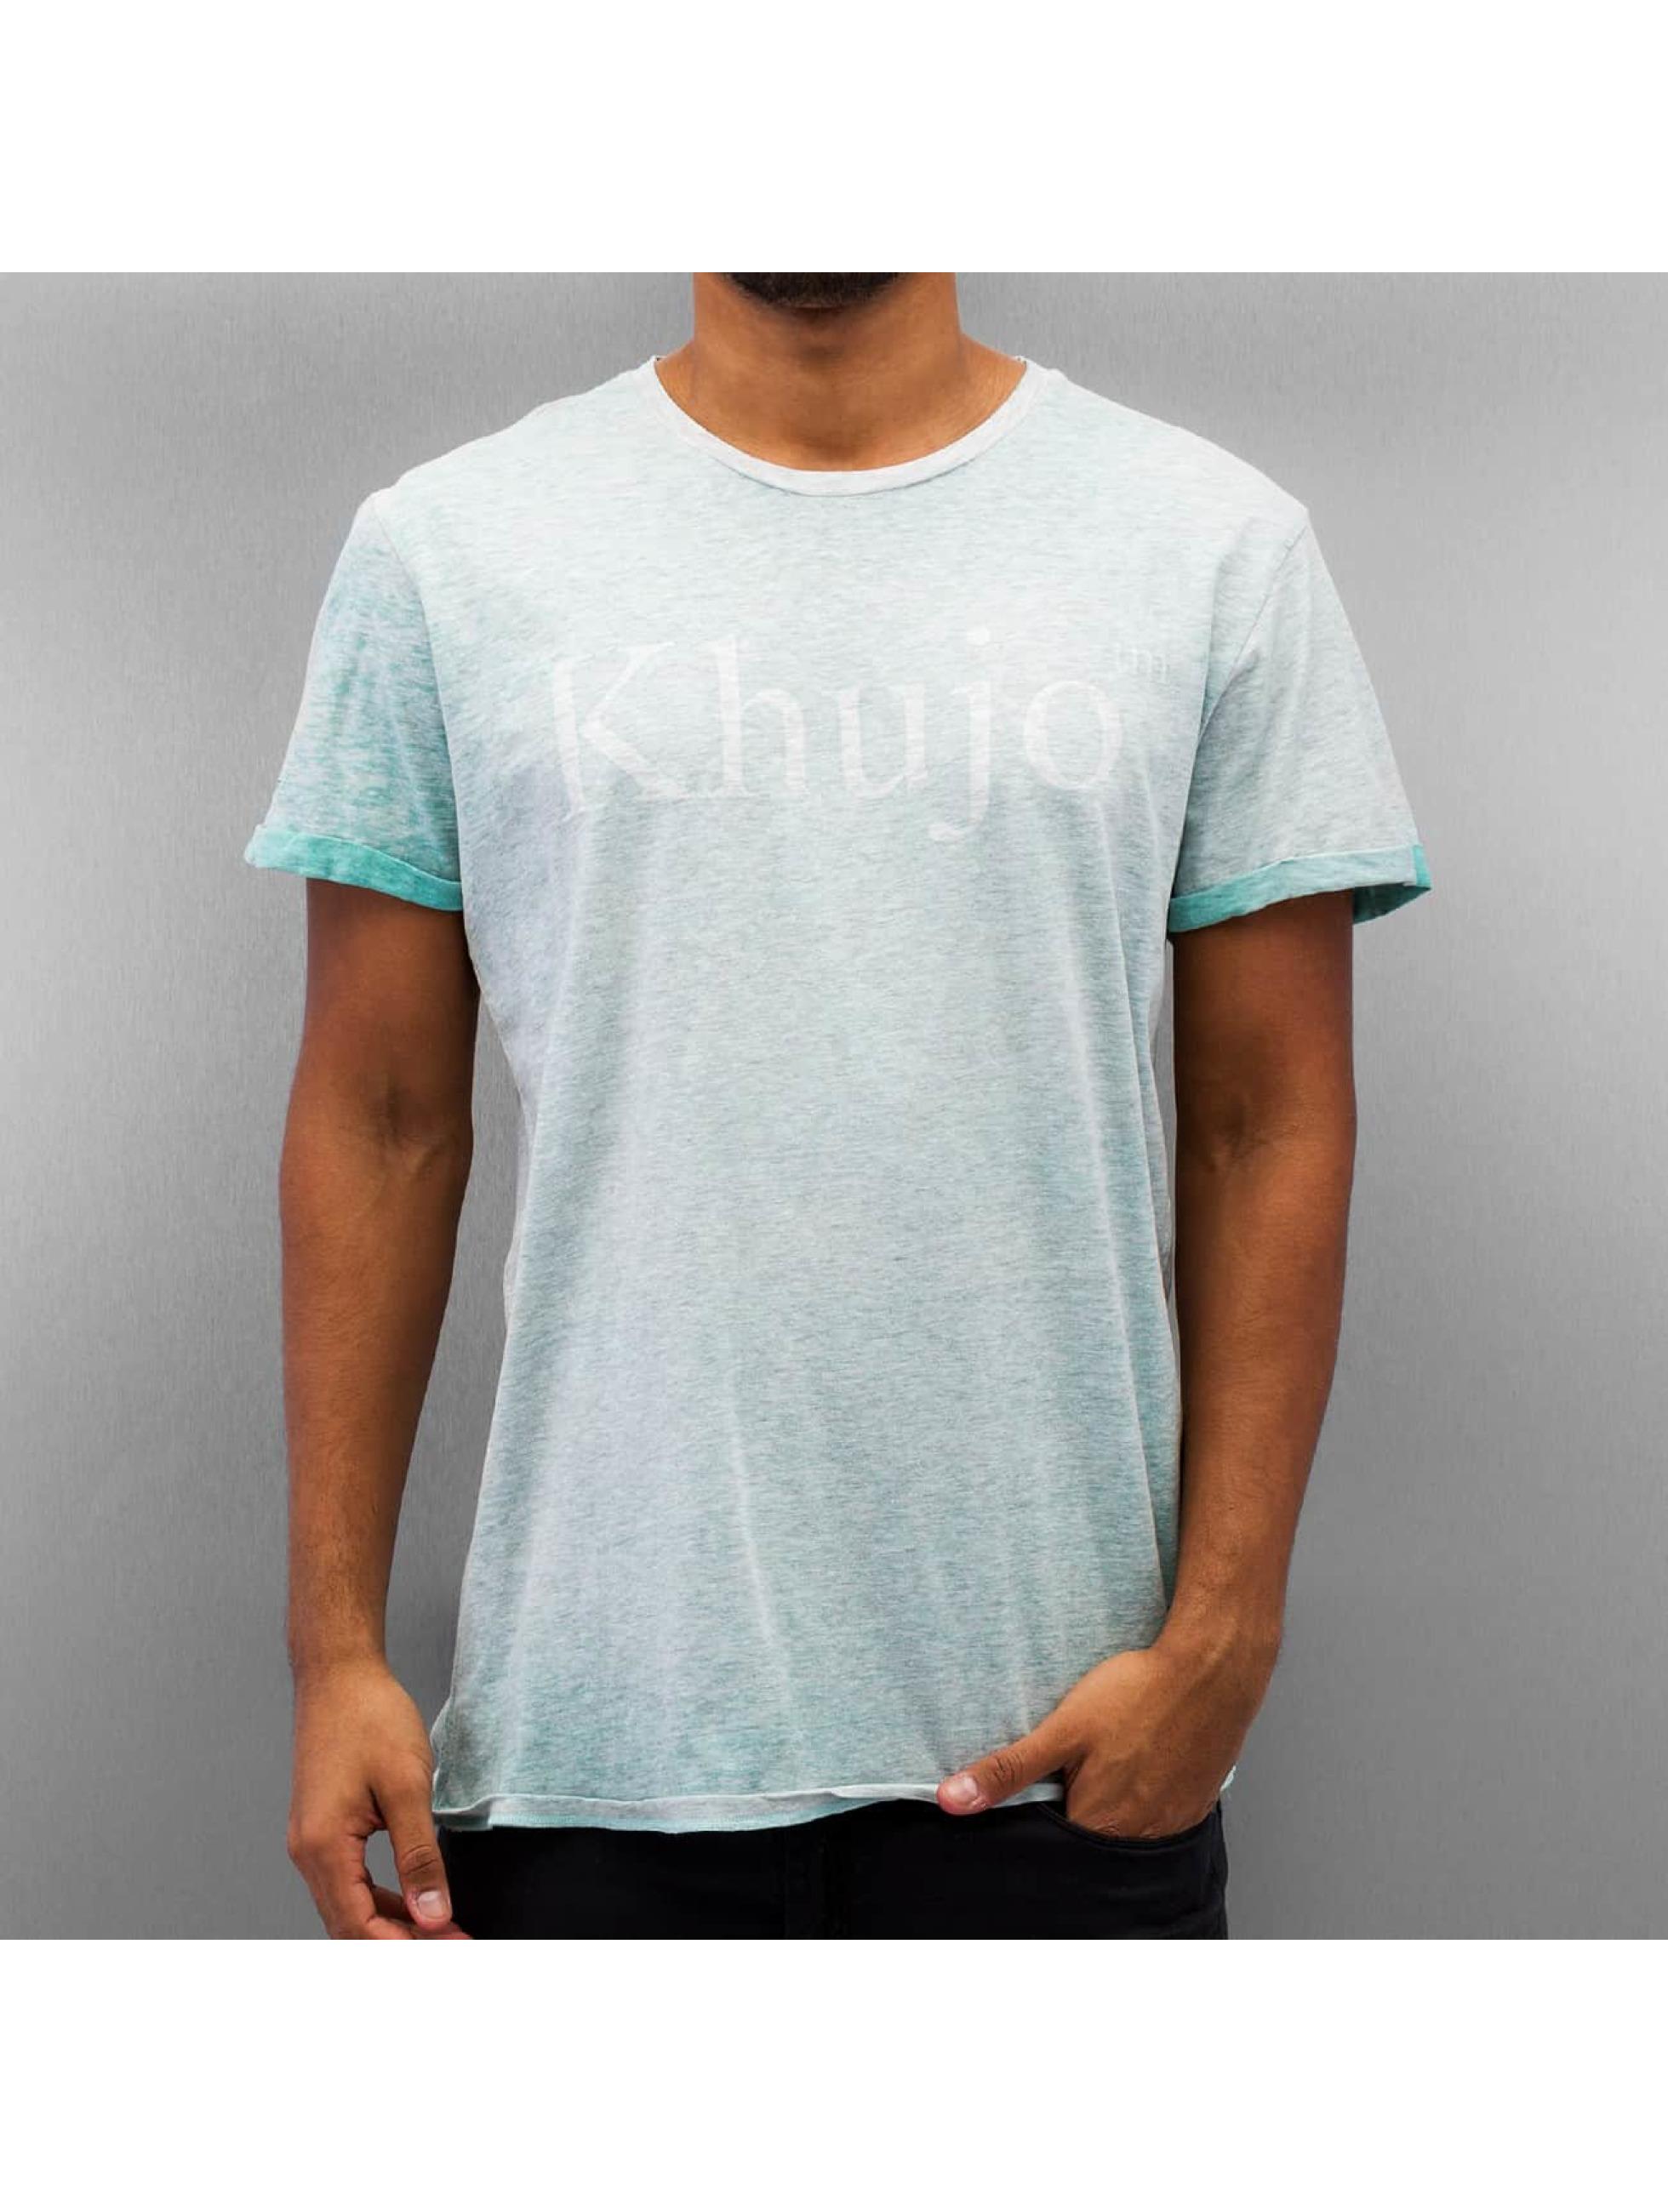 Khujo T-Shirt Treat grün